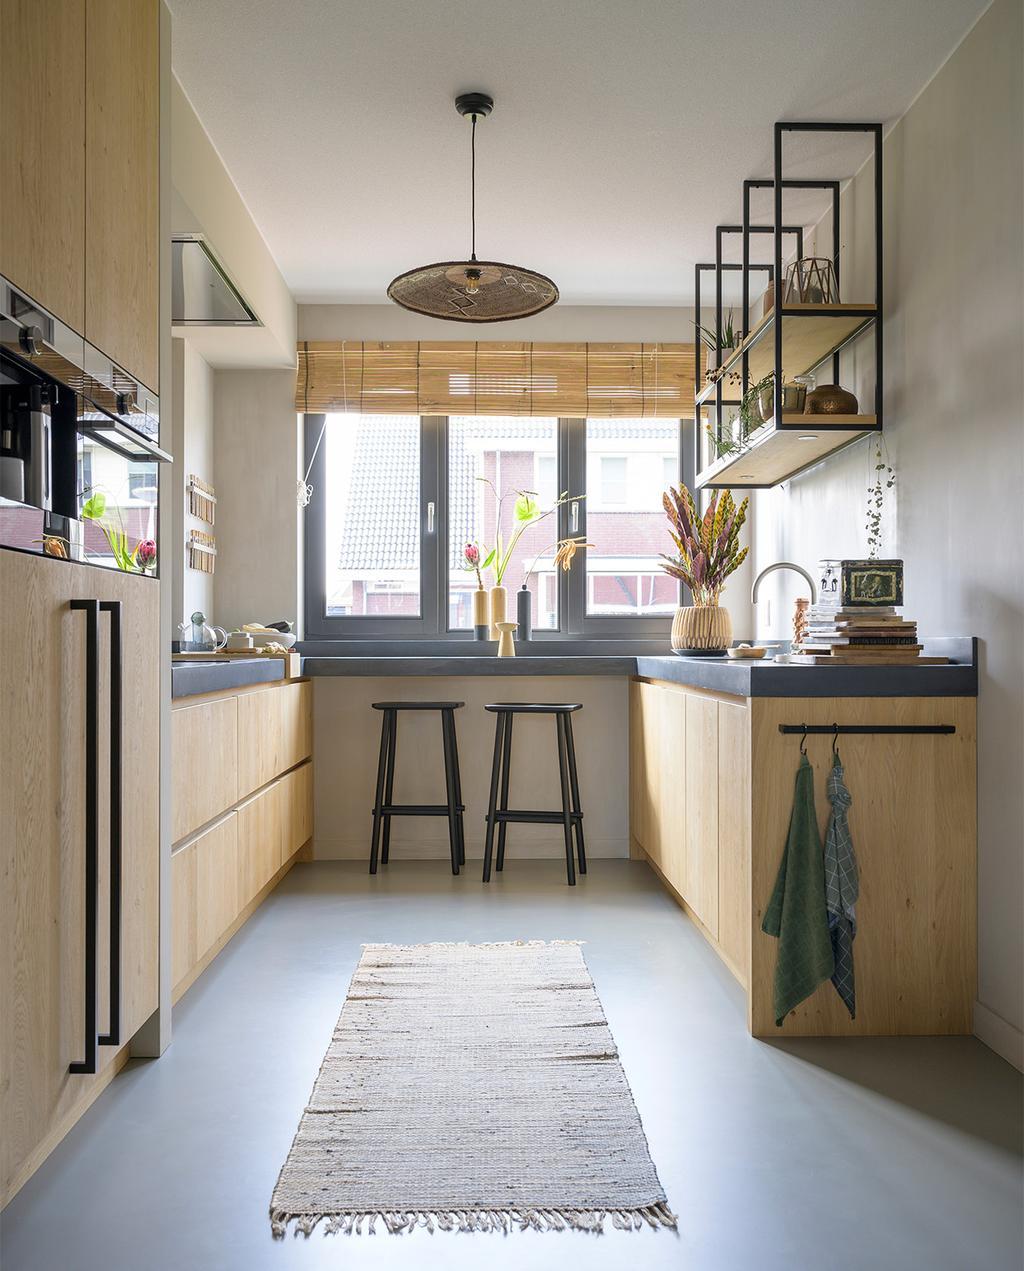 vtwonen 08-2021   houten keuken met zwarte elementen, zoals twee zwarte barkrukken met uitzicht uit het raam, een licht vloerkleed en een houten wandrek